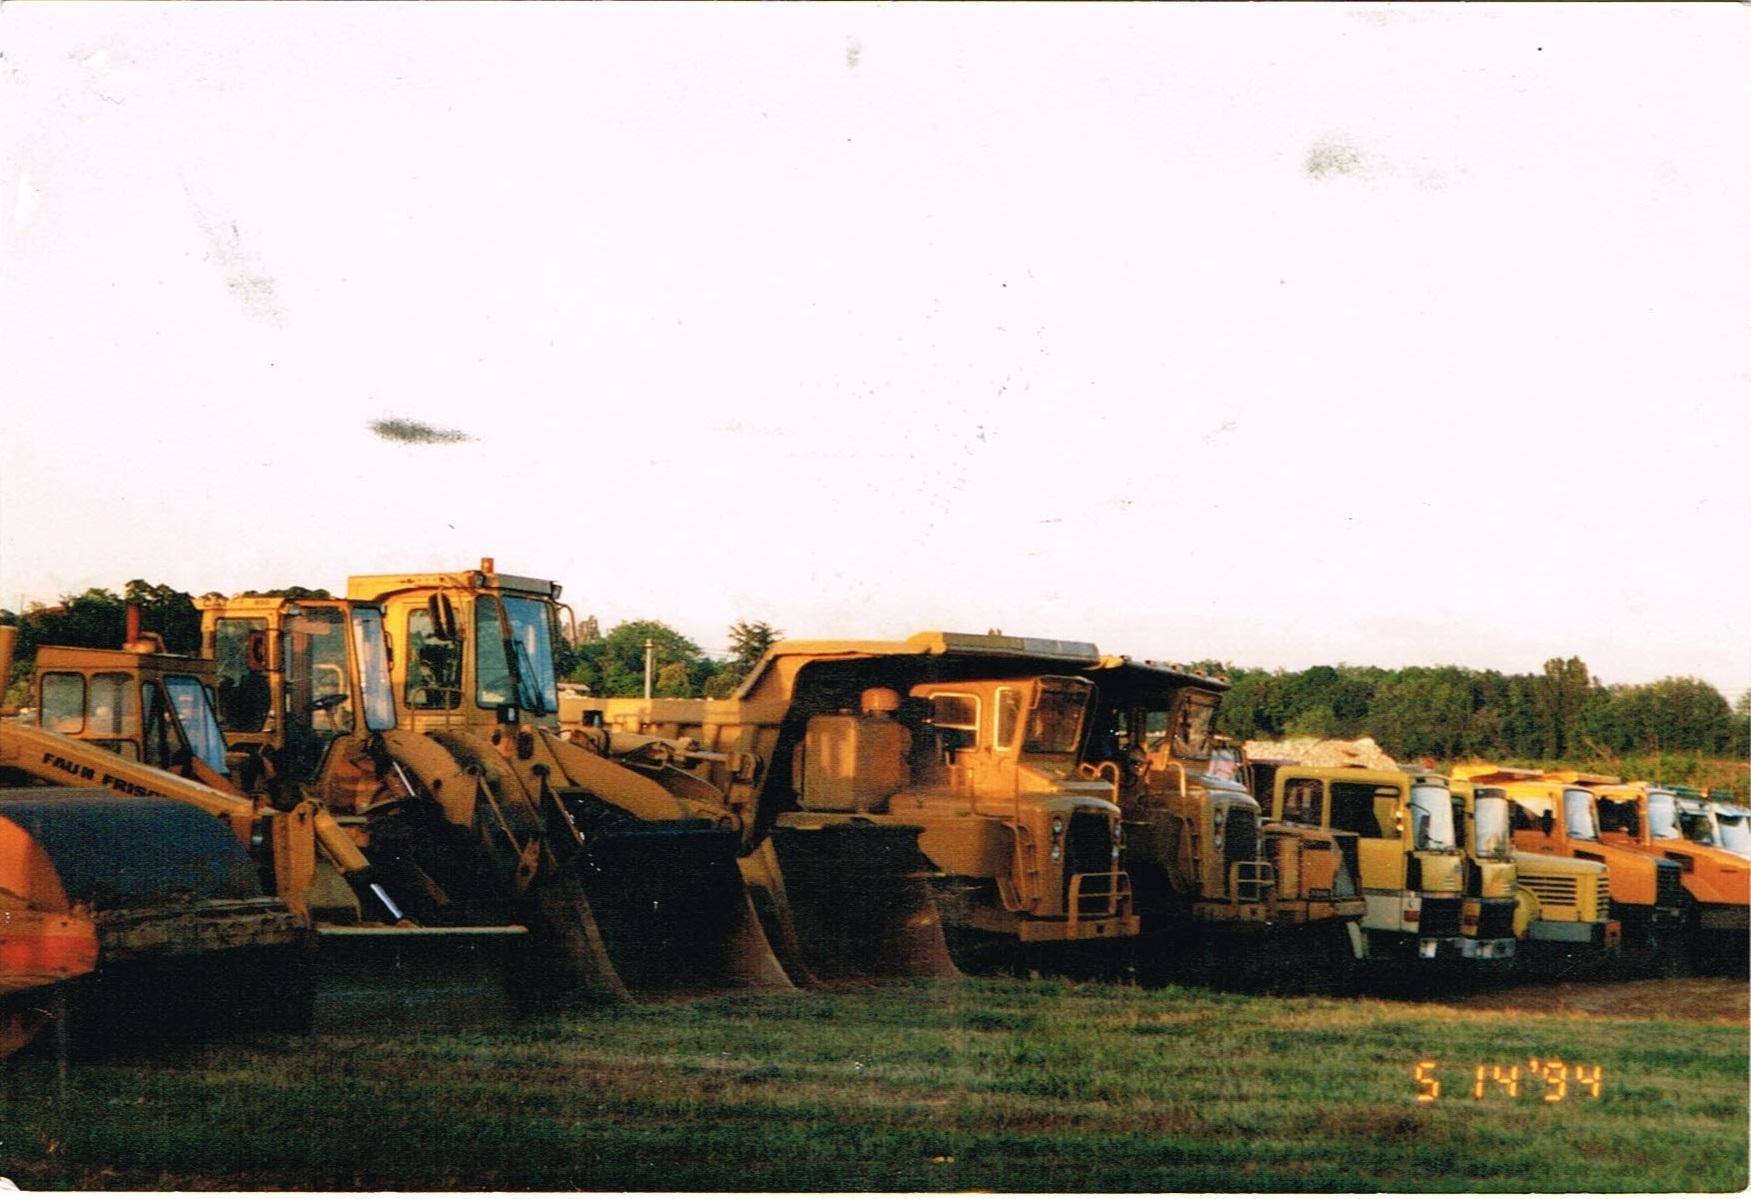 Parc de Jeannot en 1994 (2)